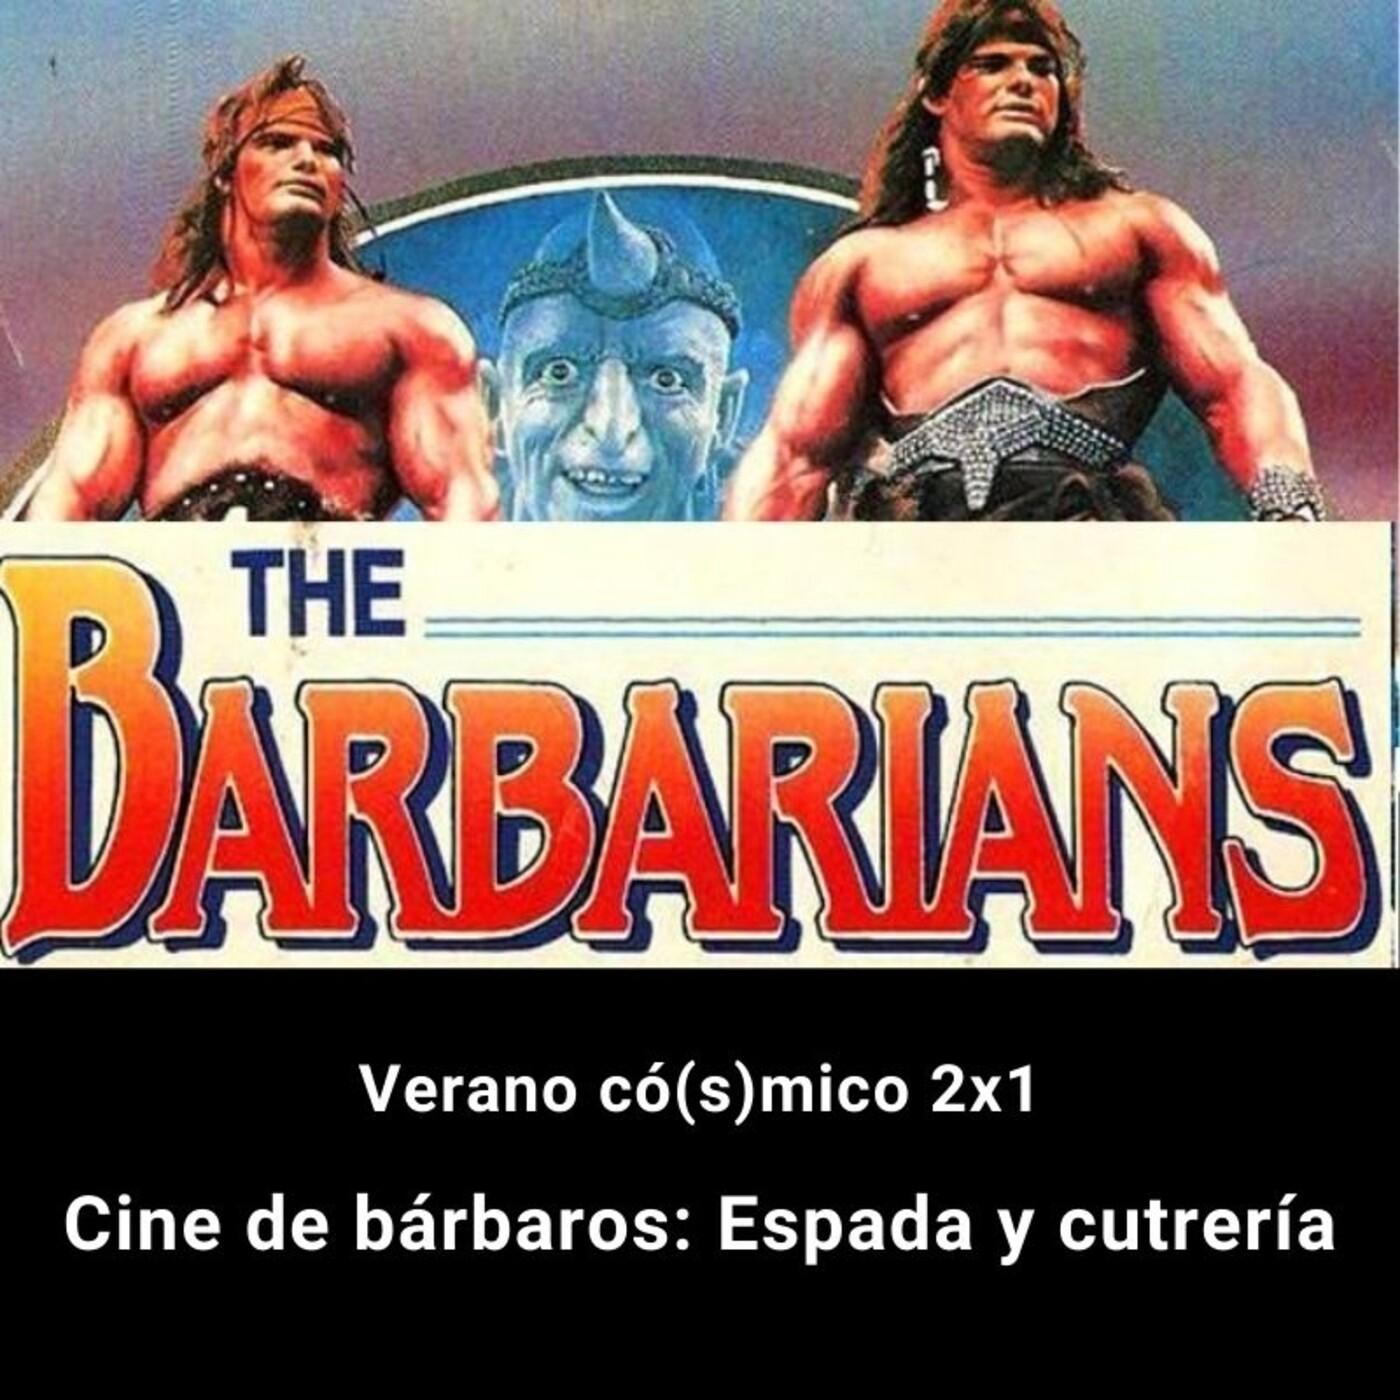 Verano có(s)mico 2x1. Cine de bárbaros: Espada y cutrería